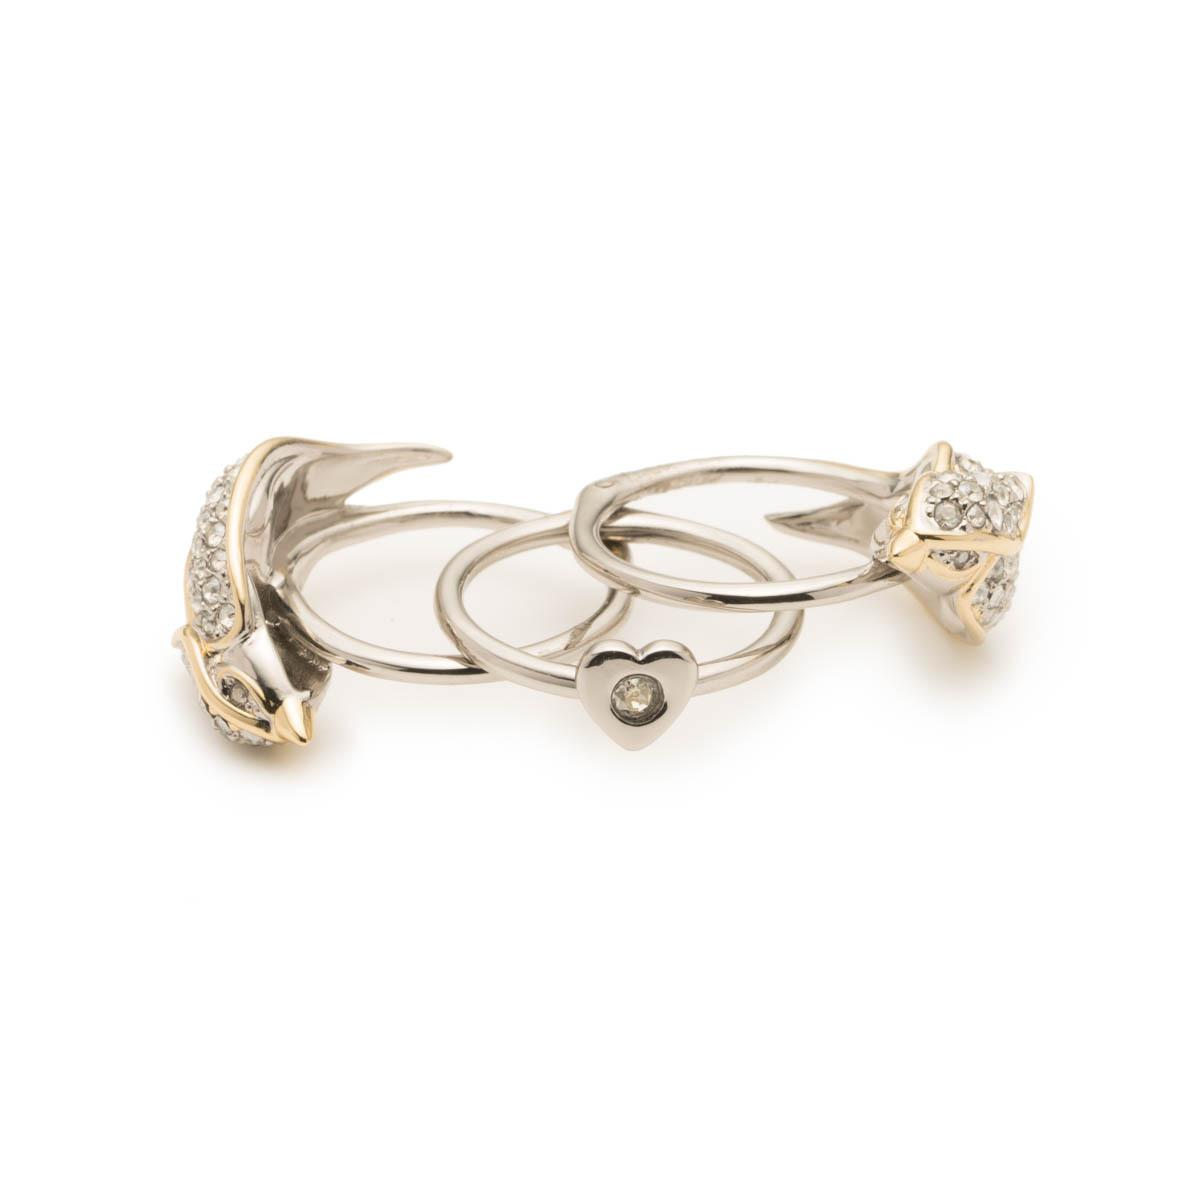 Alexis Bittar Crystal Encrusted Secret Lovebirds Ring 1kngnkJo